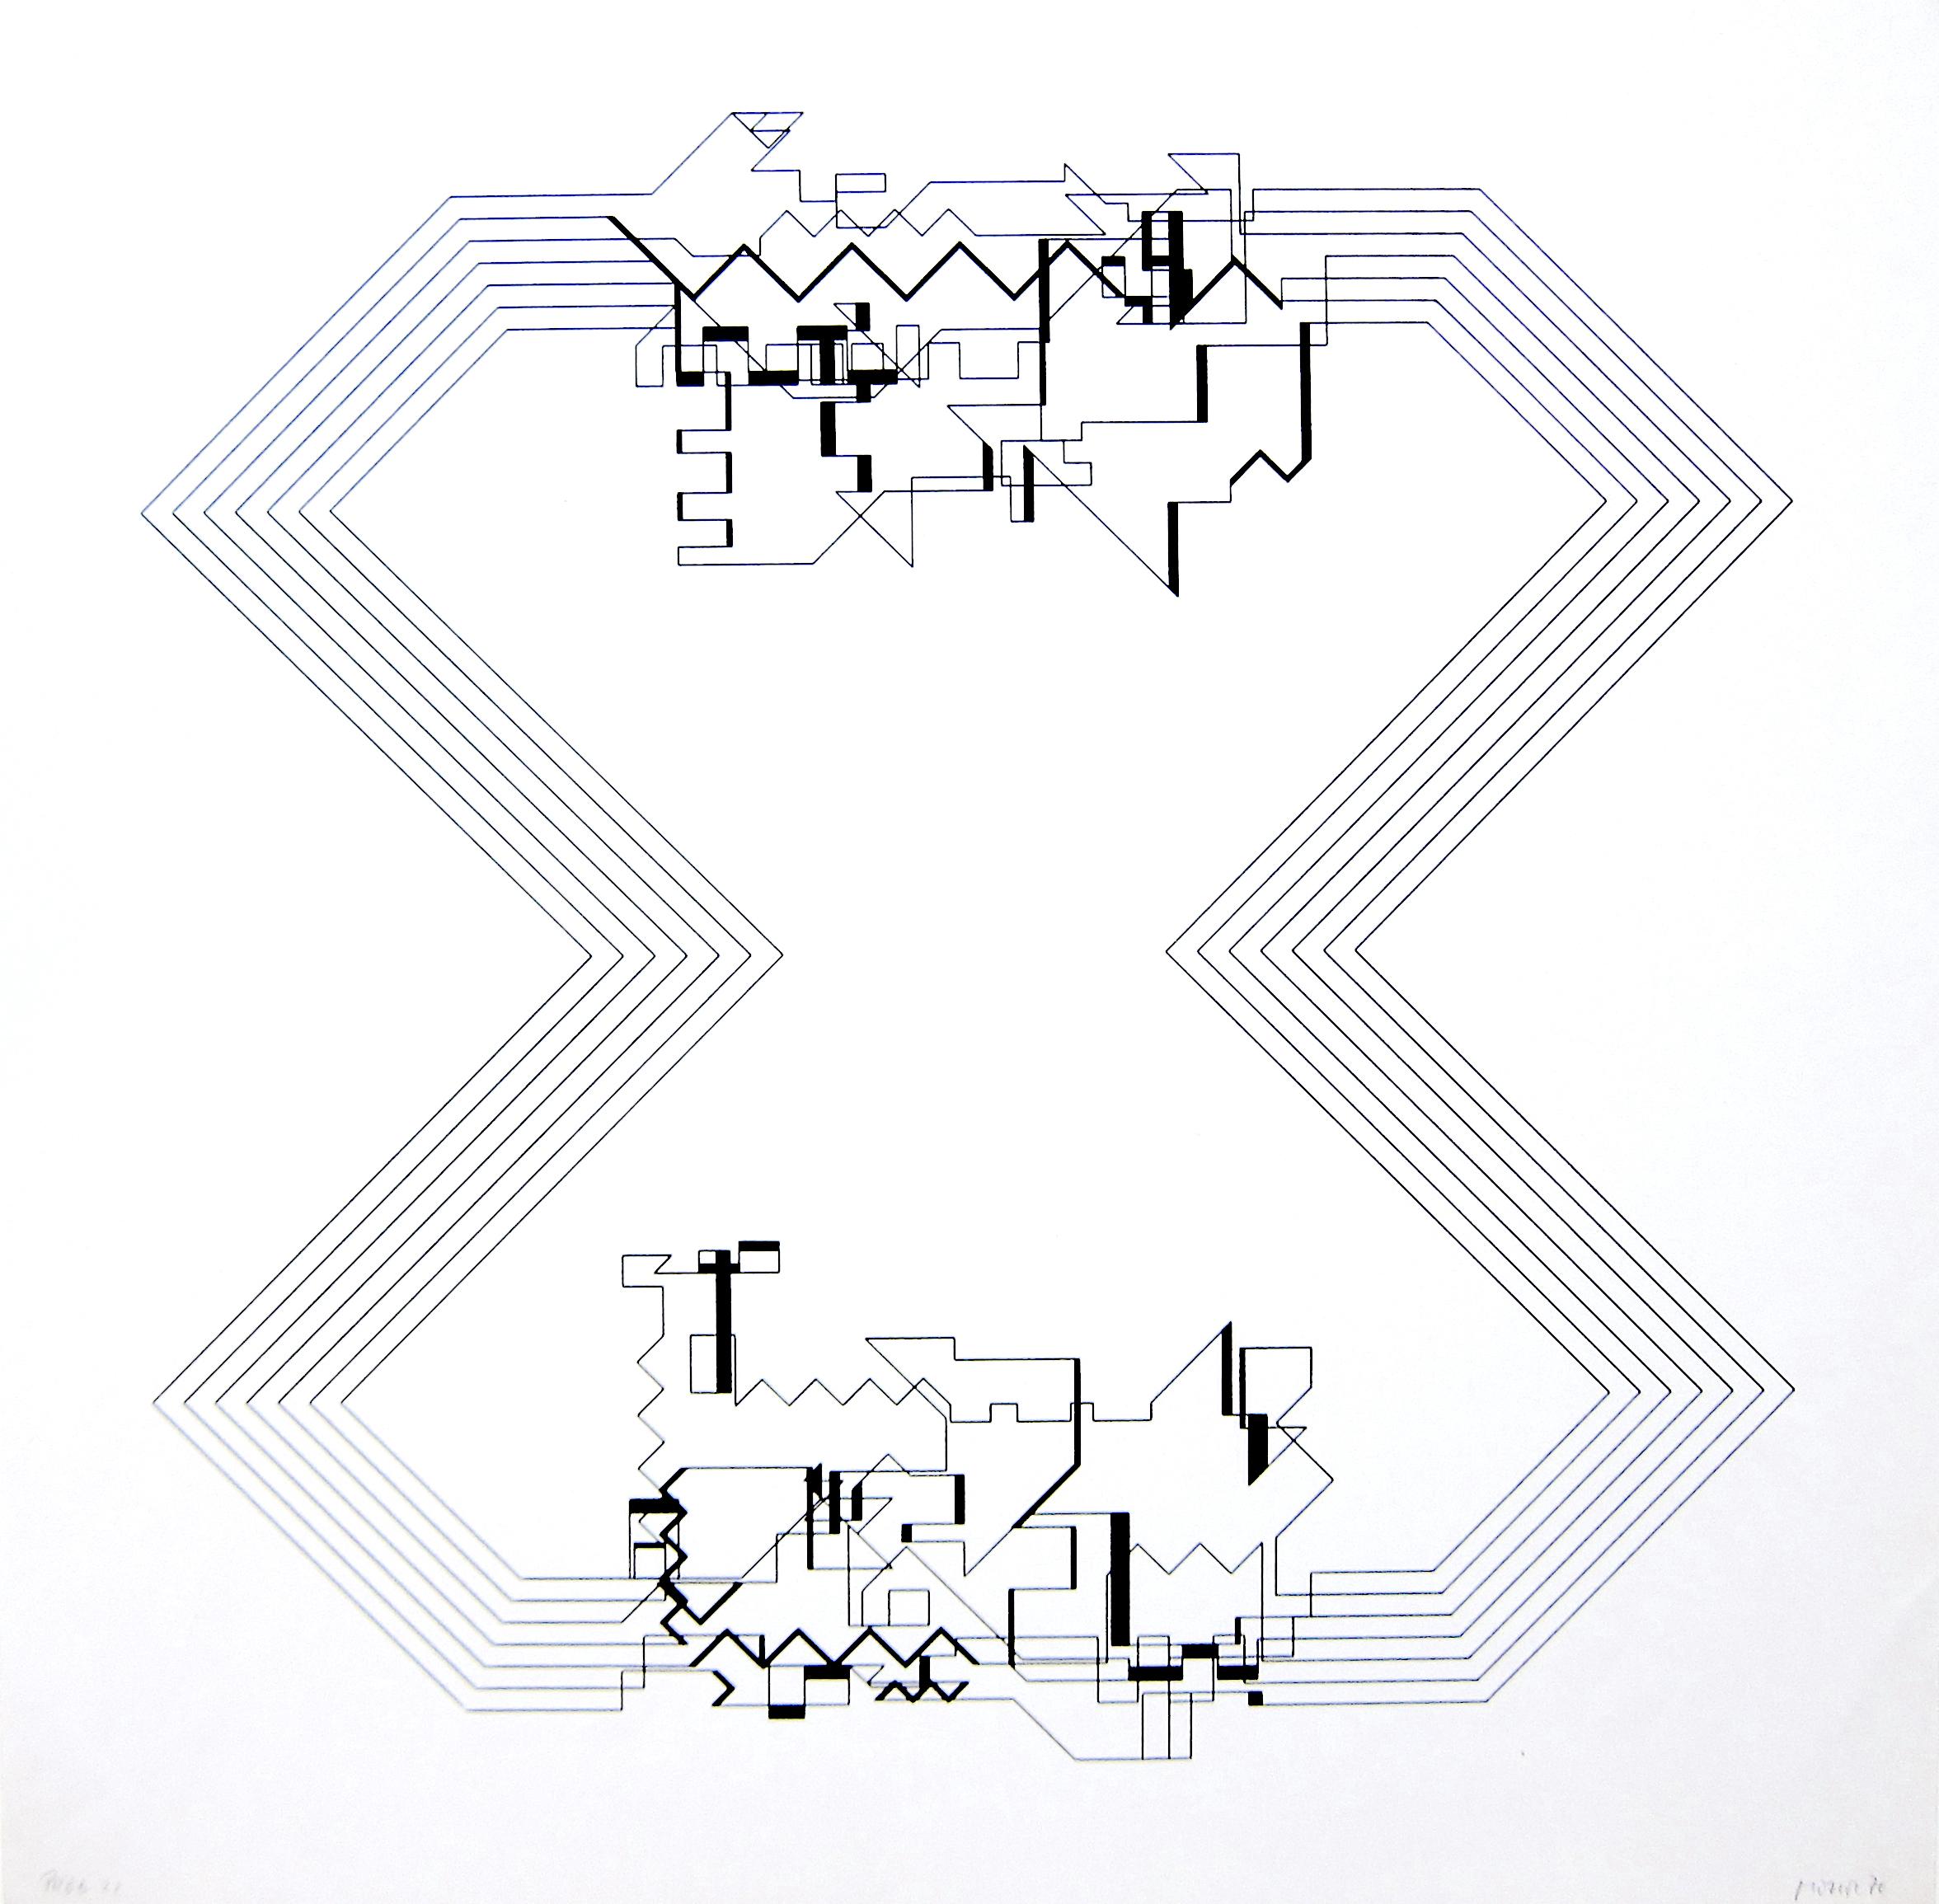 Manfred MohrP-22, Plotterzeichnung, Tinte auf Papier, 37 x 36 cm, 1970